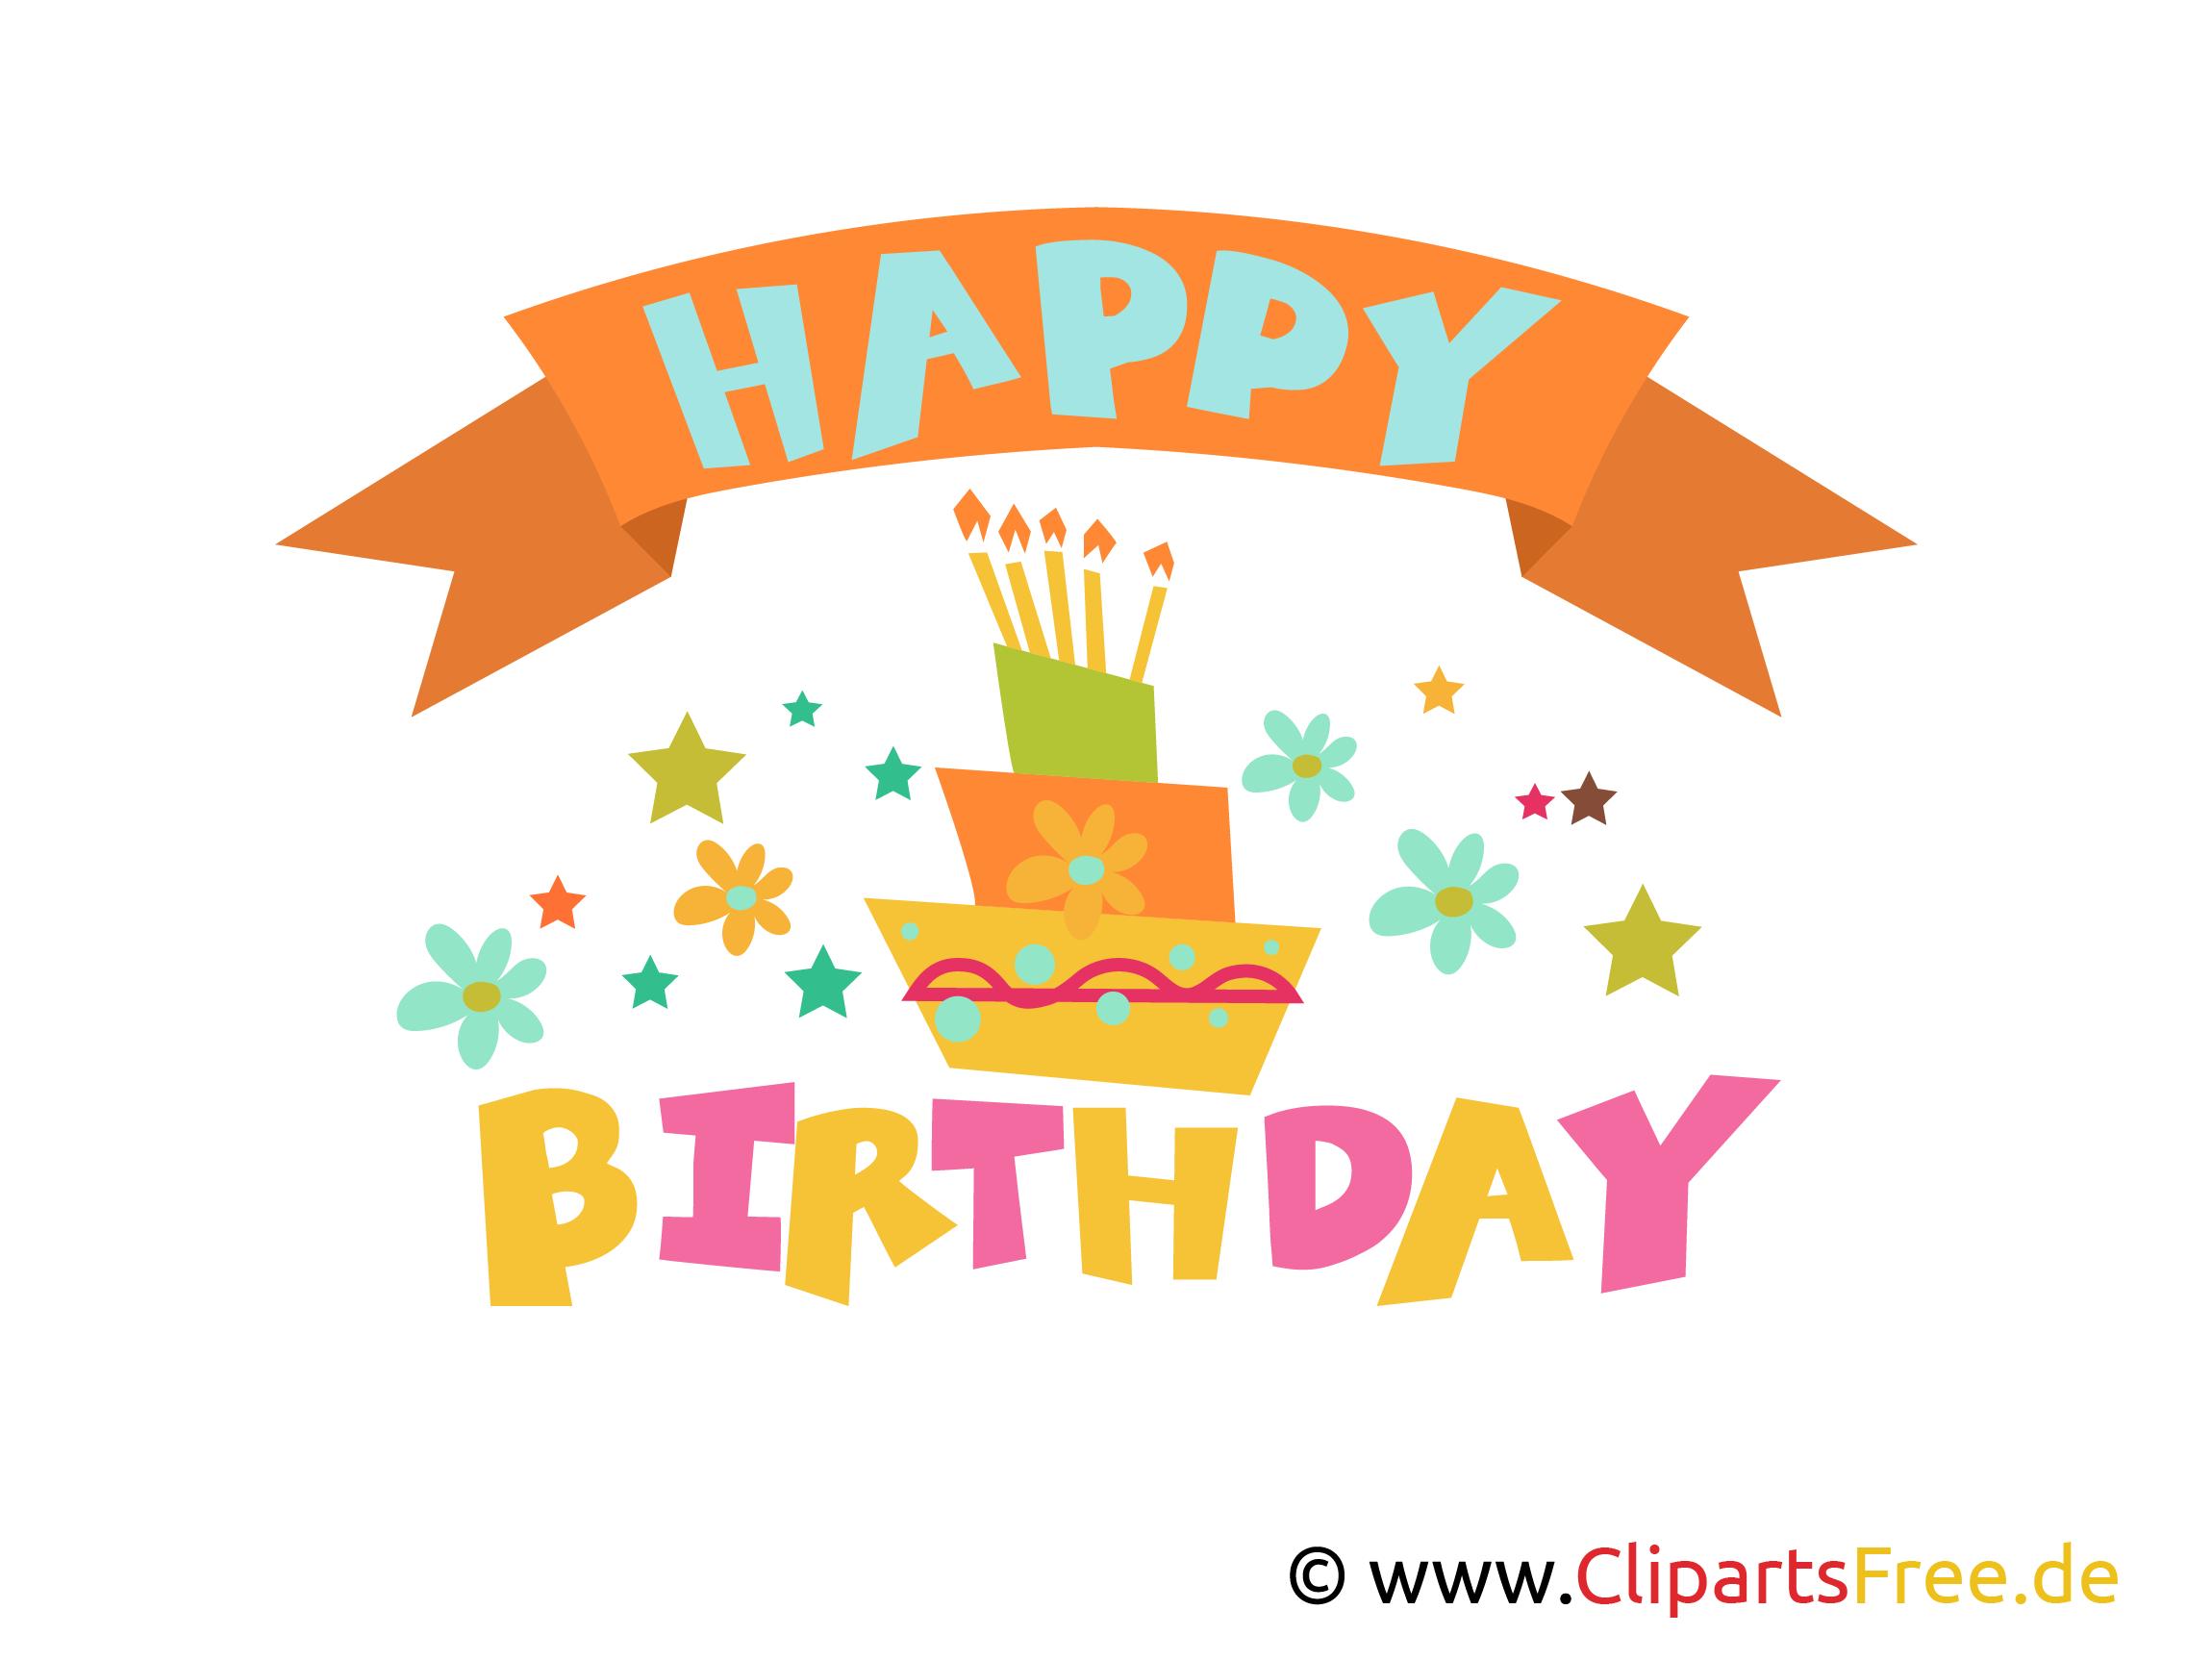 Ekartka Happy Birthday - Darmowe eKartki i życzenia